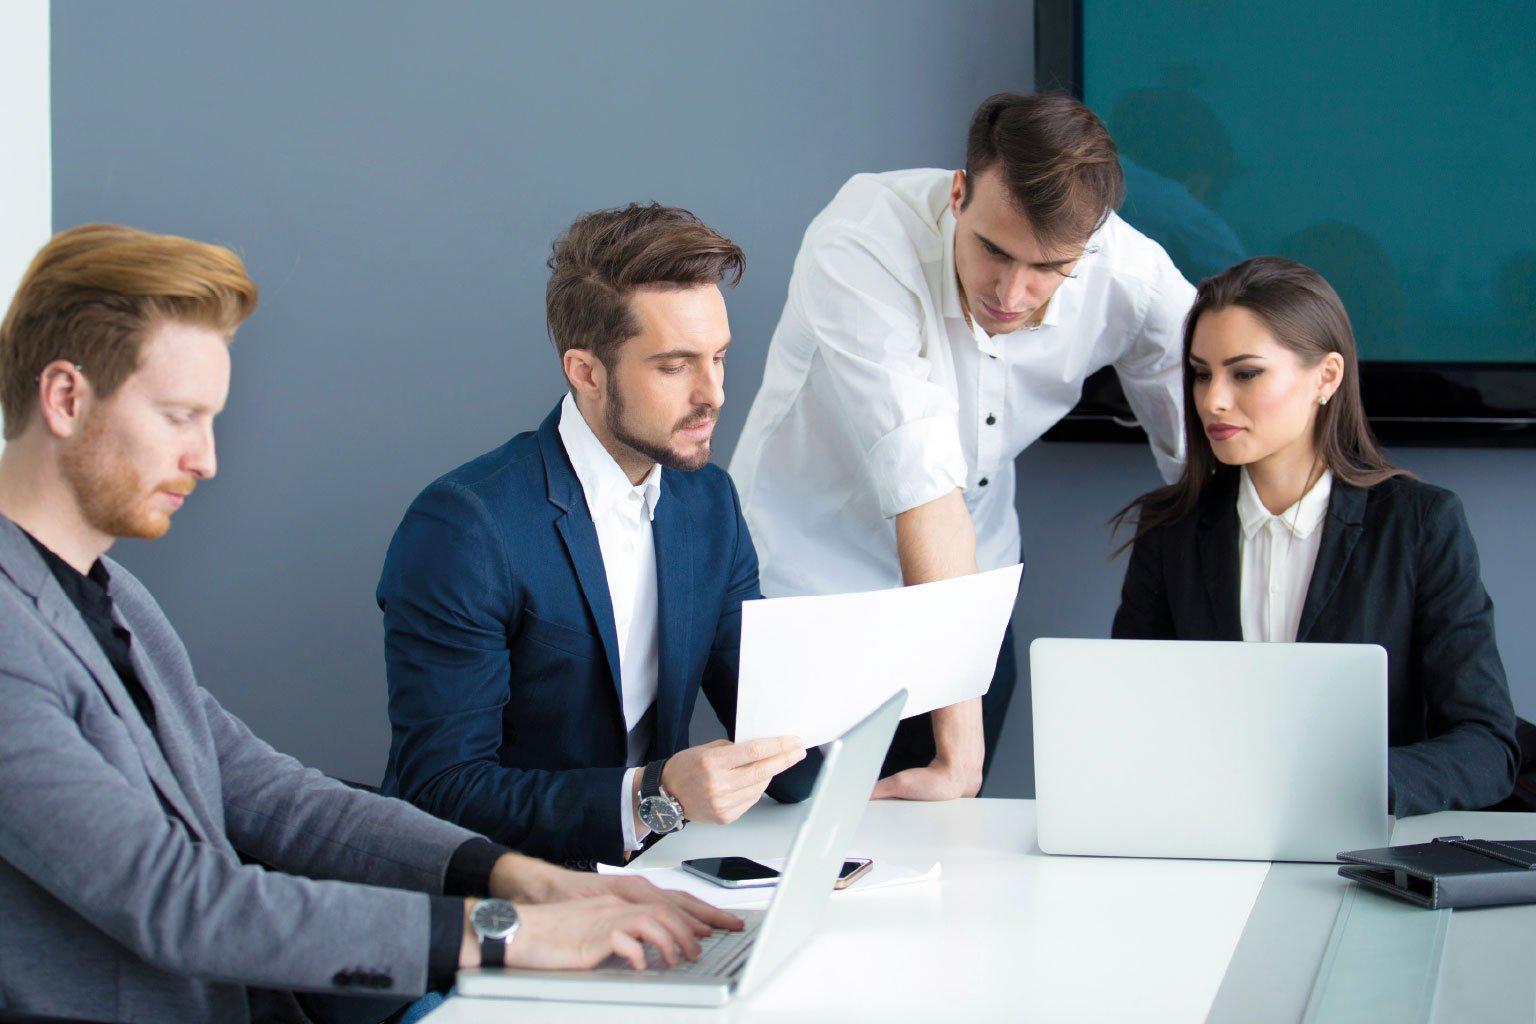 Standaryzacja działań optymalizacja procesów i przepływu informacji